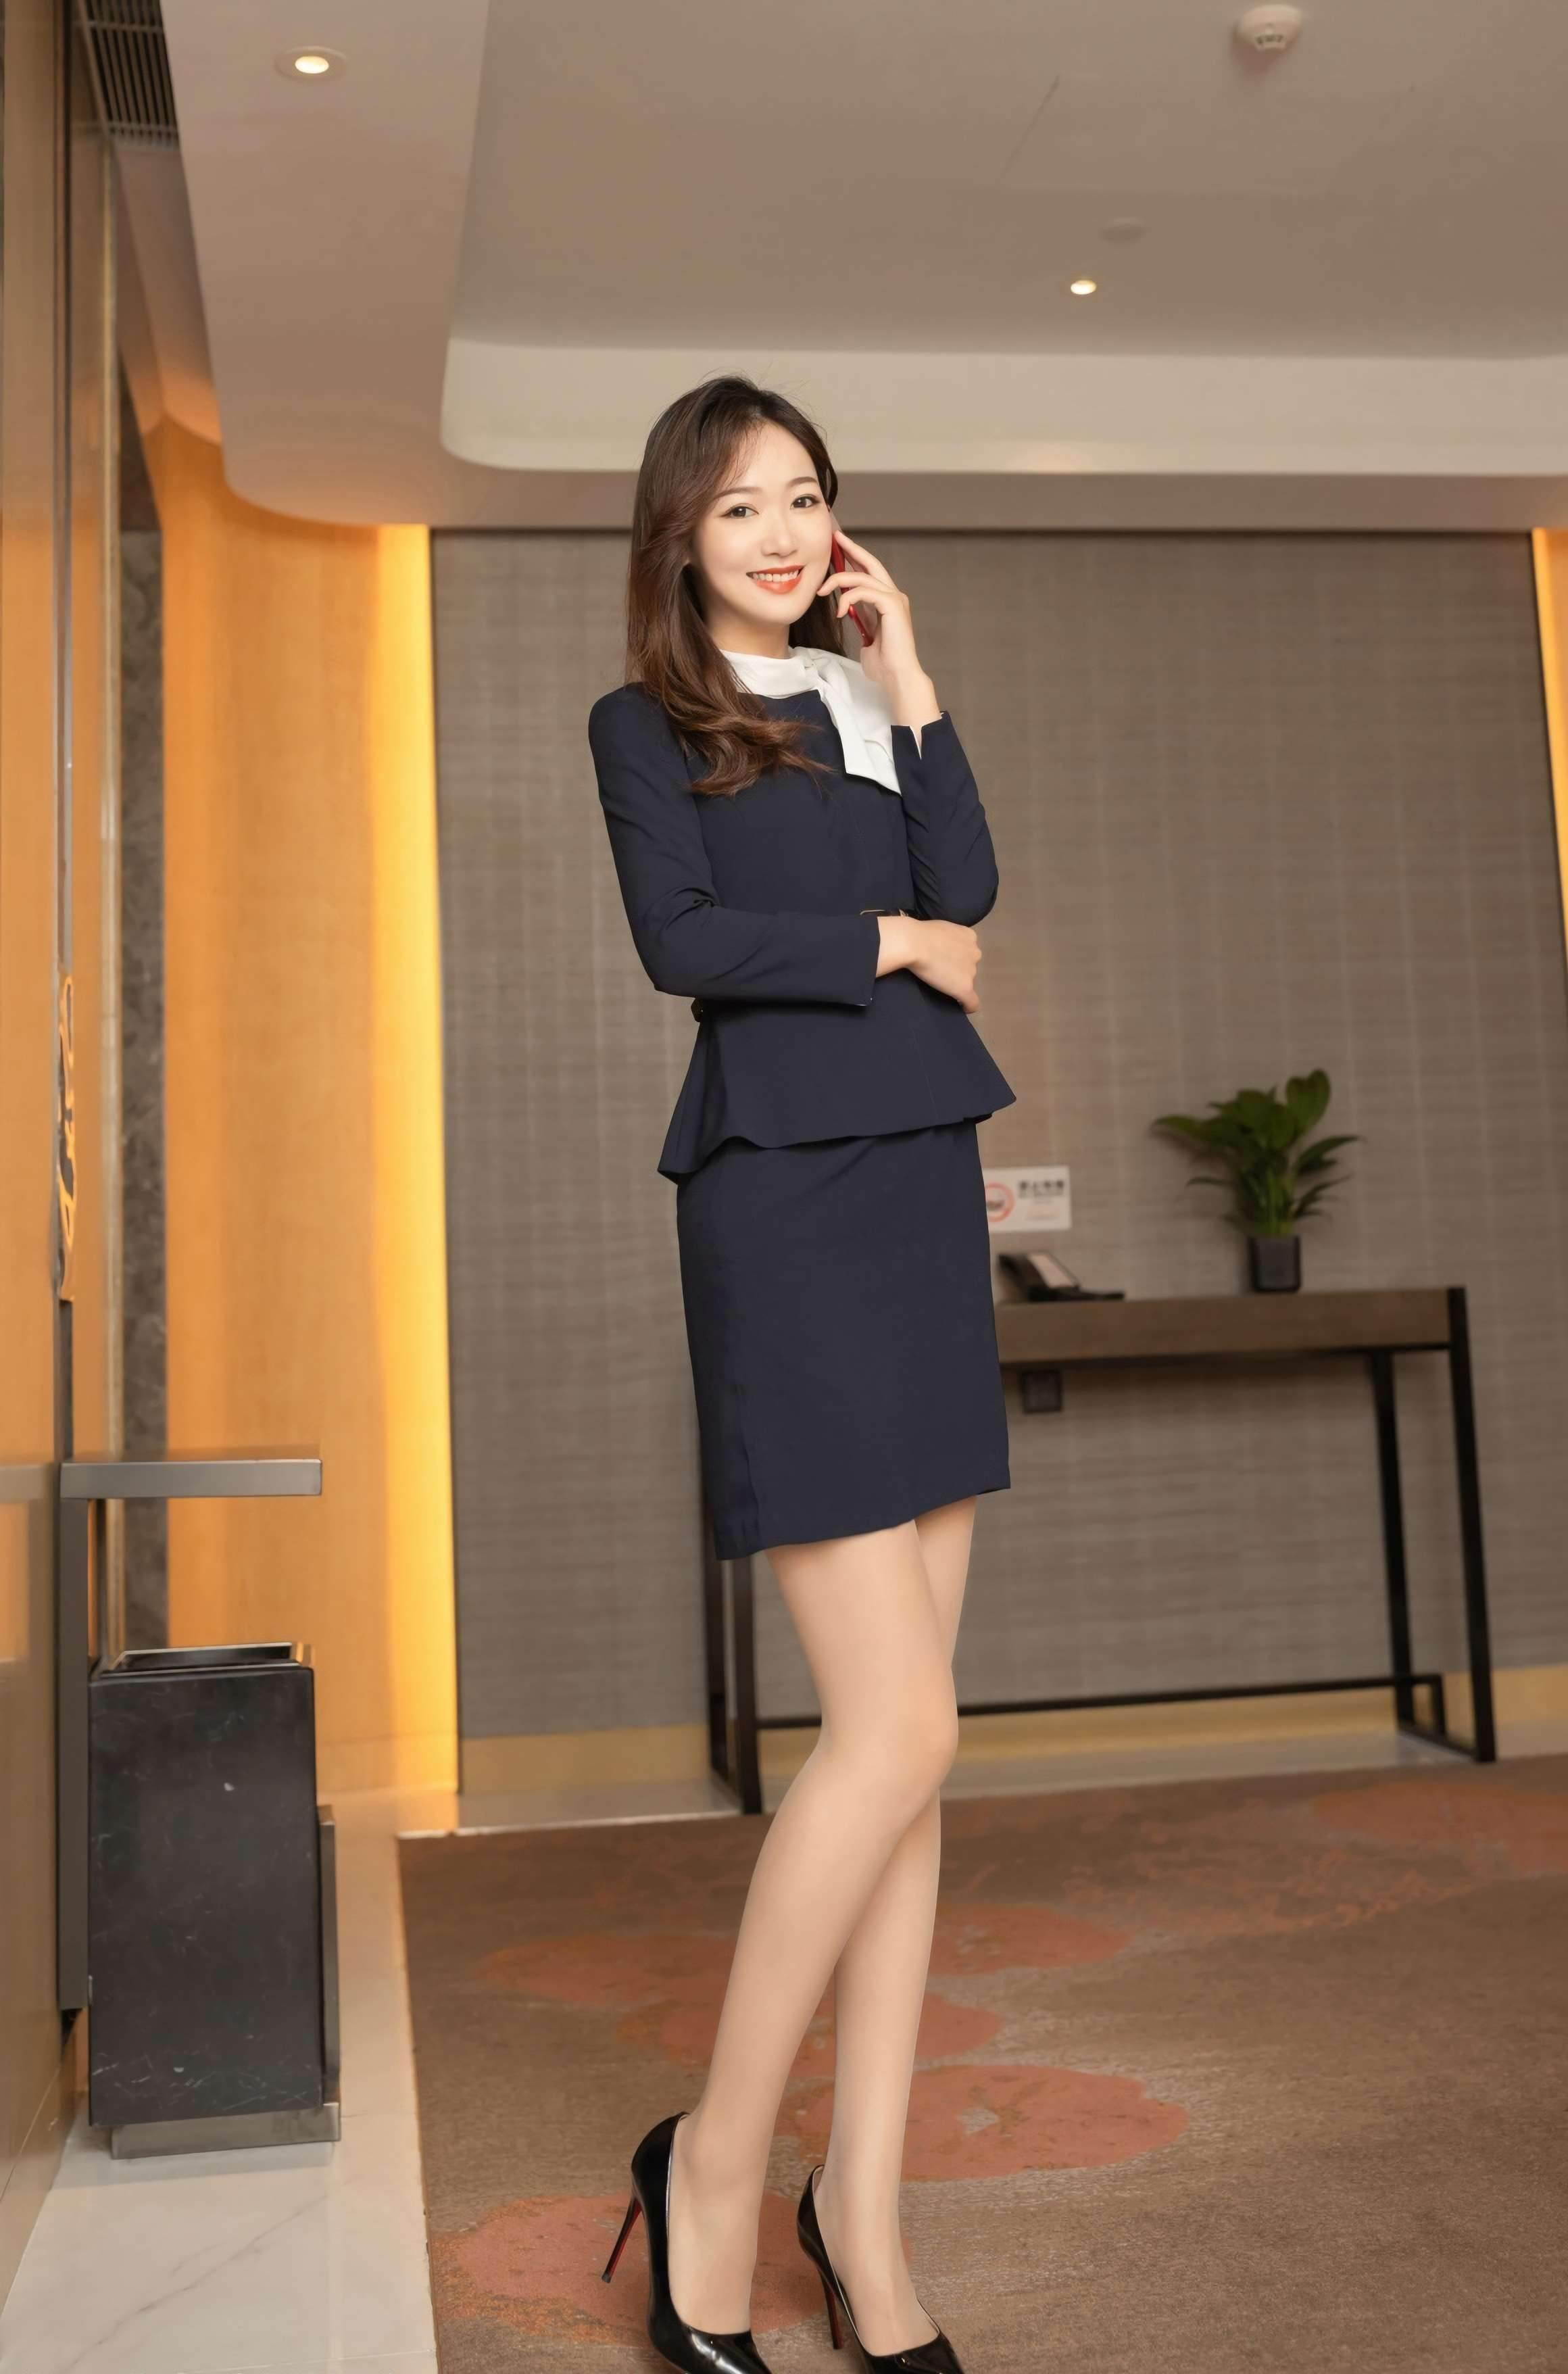 第70期繁忙的公司女老总唐安琪(工作装,高跟,丝袜)_图片3